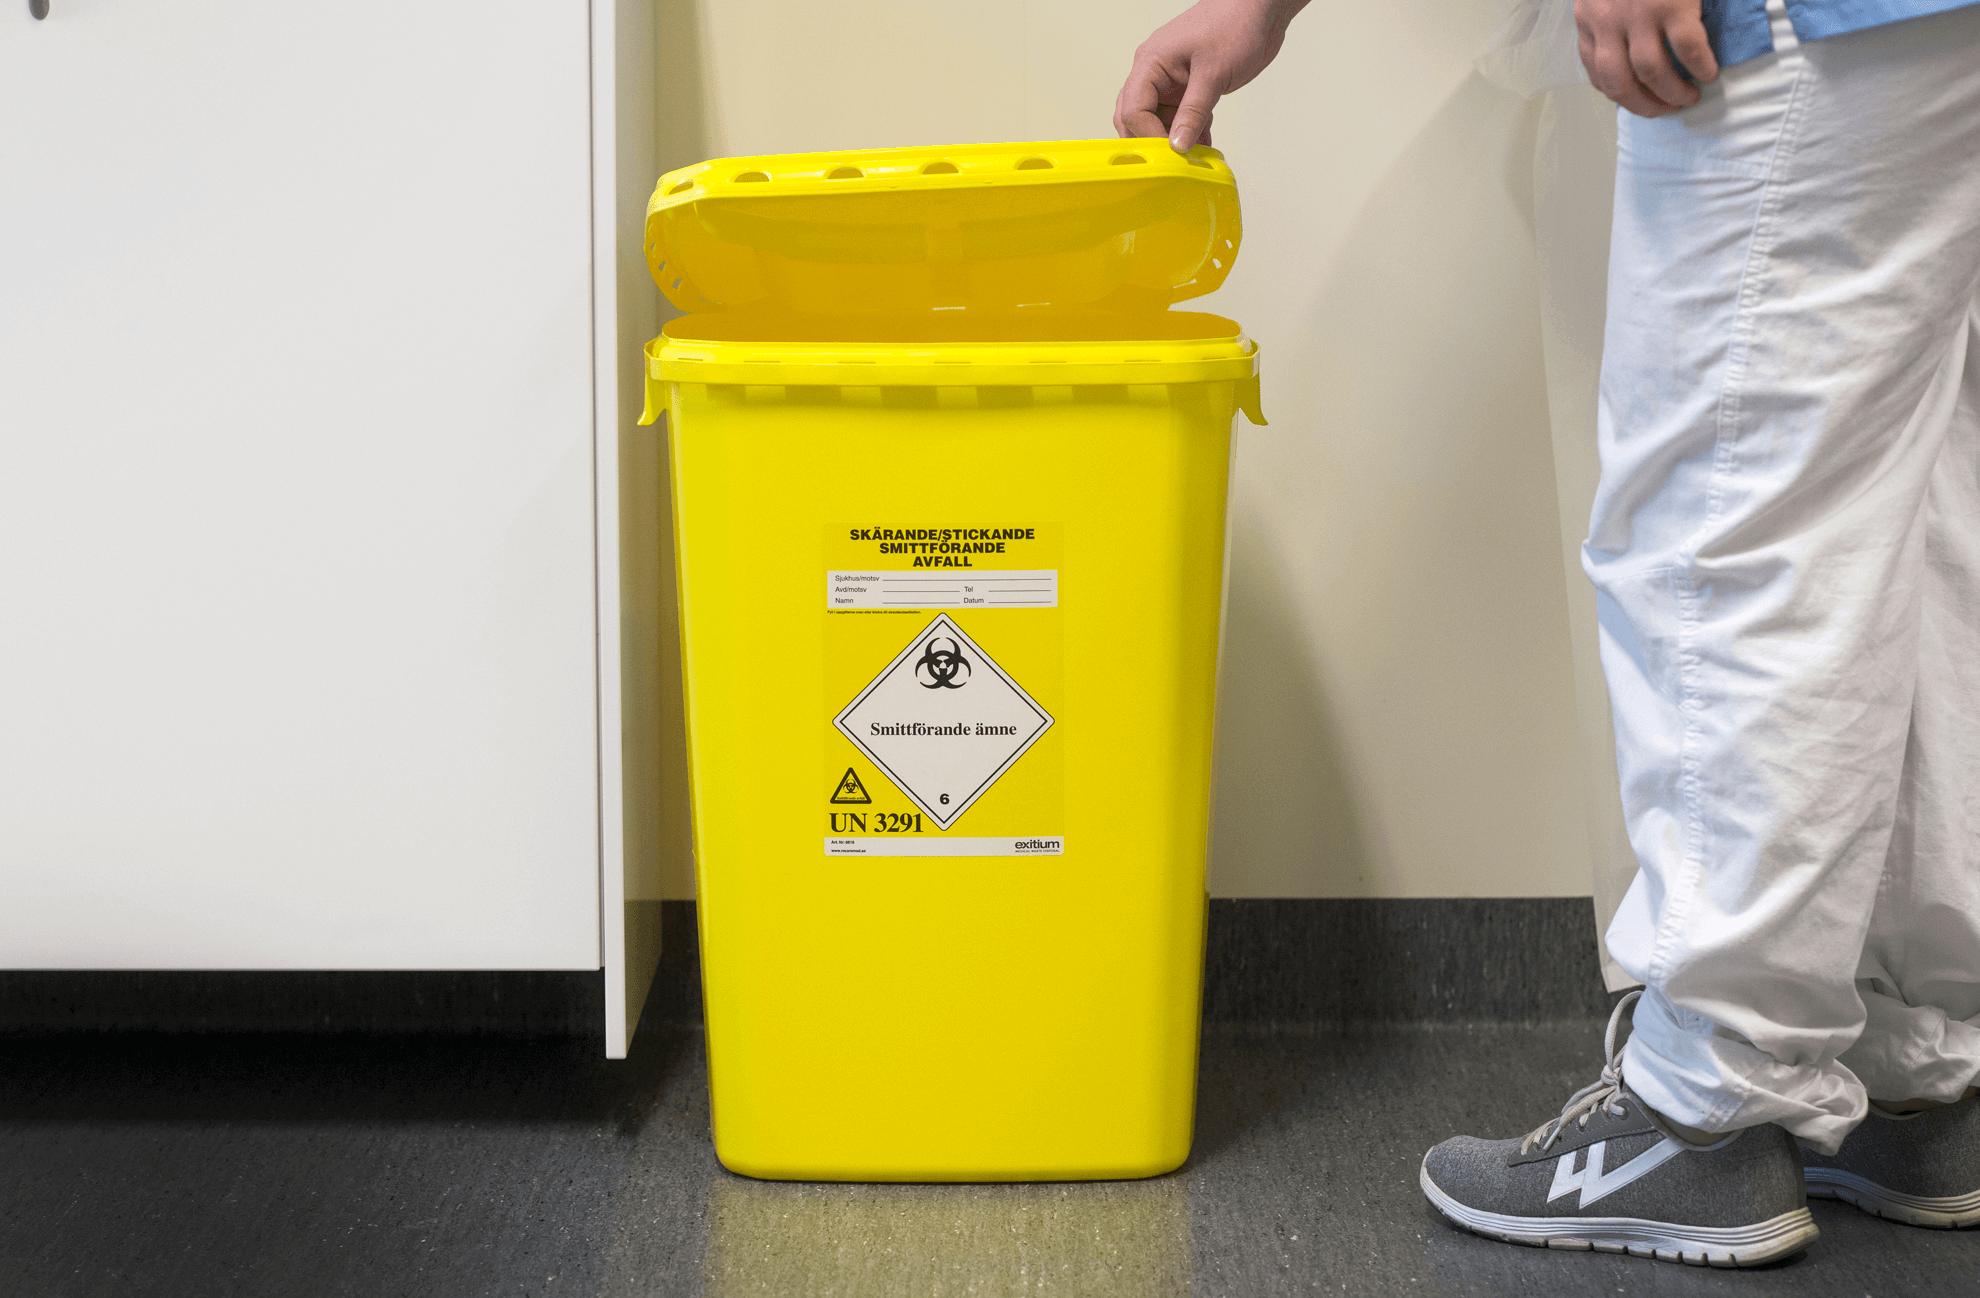 Behållare smittförande avfall